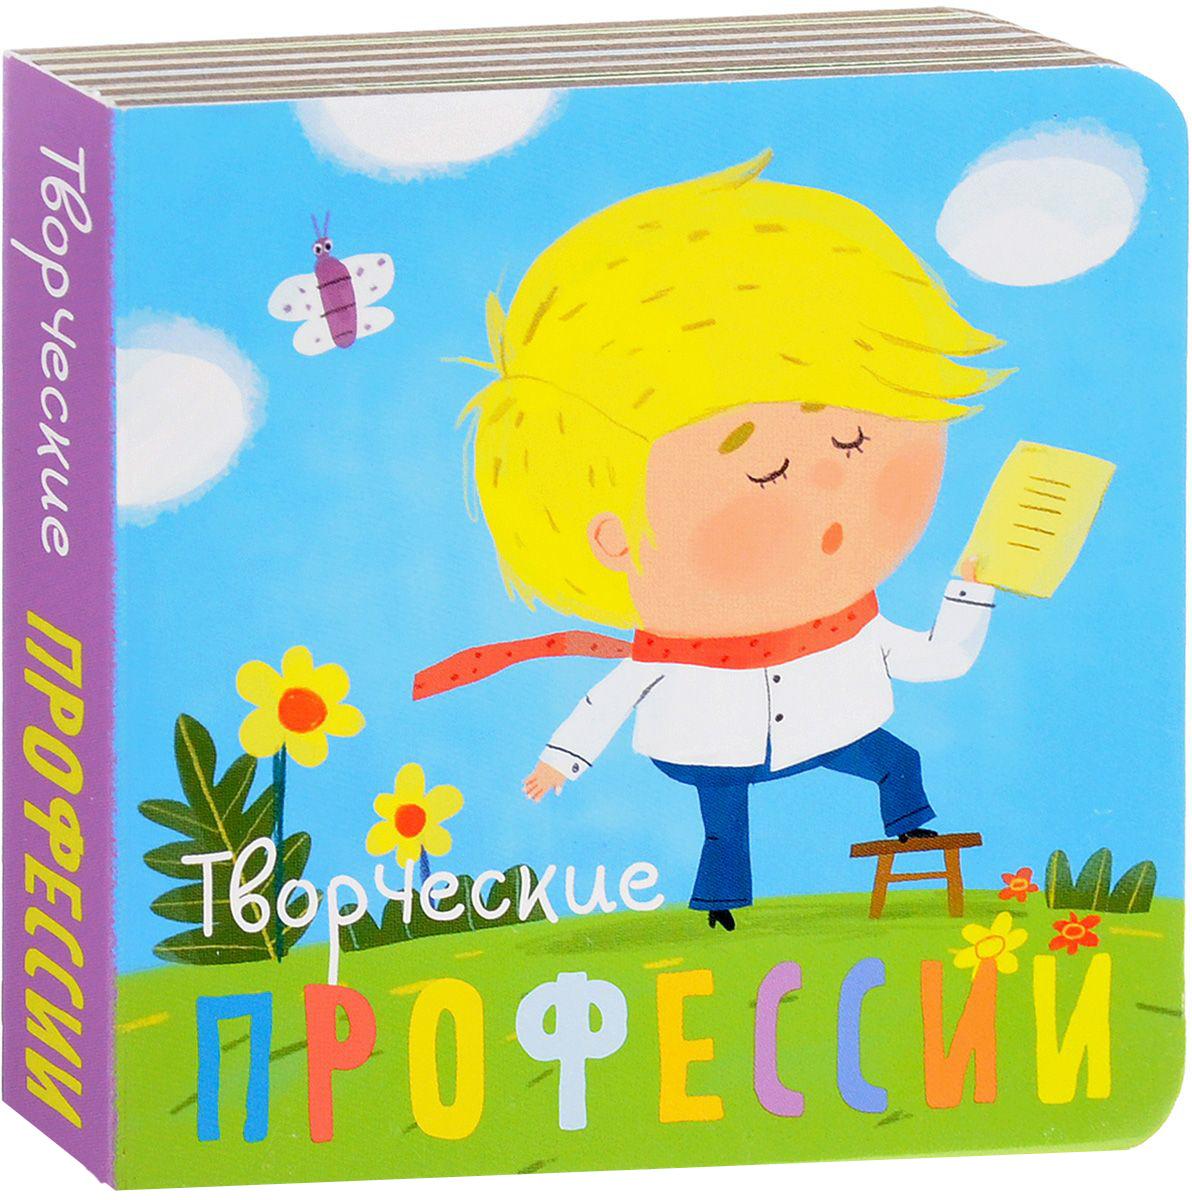 Профессии - Творческие профессииОбучающие книги. Книги с картинками<br>Профессии - Творческие профессии<br>